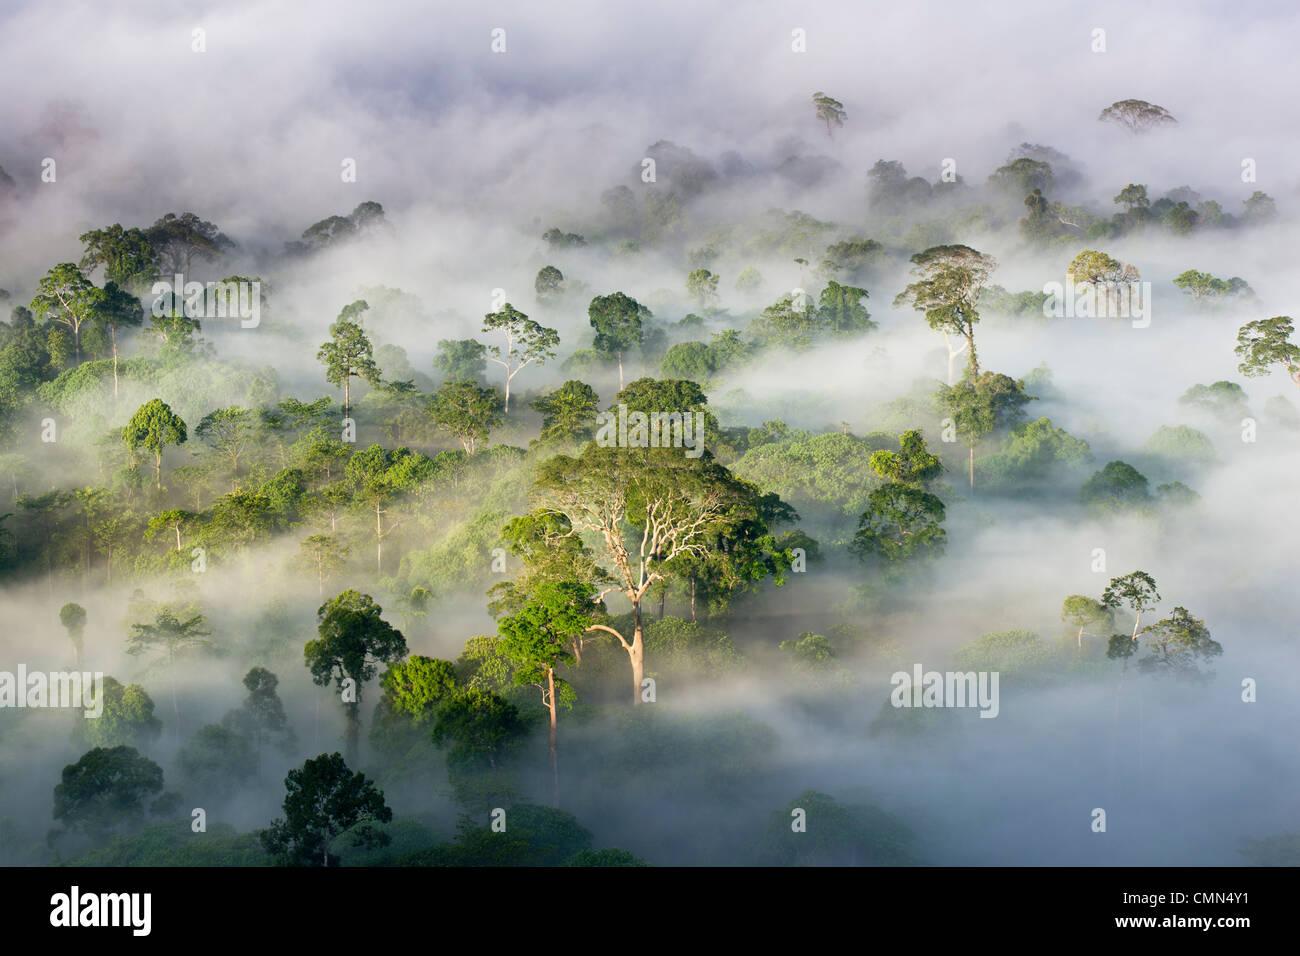 La nebbia e basse nubi appesa sopra Lowland Dipterocarp foresta pluviale, poco dopo l'alba. Cuore di Danum Valley, Sabah Borneo. Foto Stock